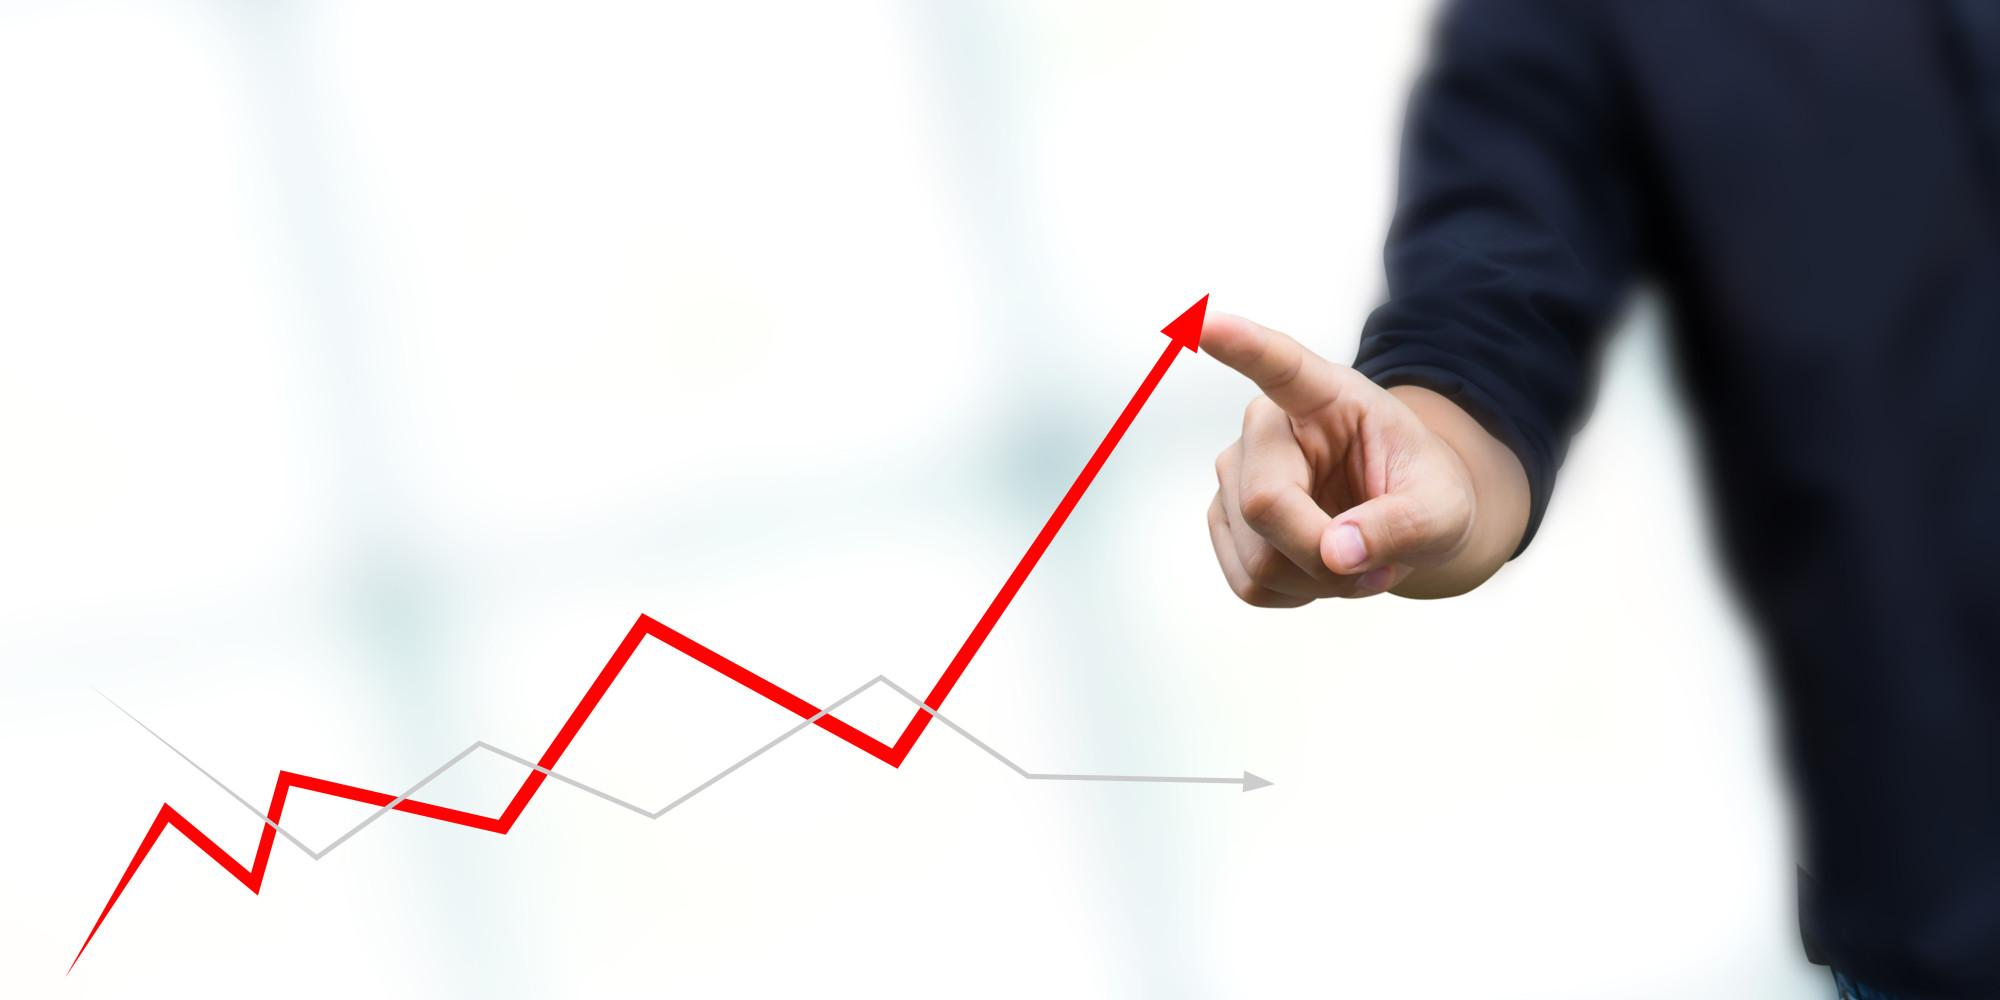 تقرير إقتصادي أممي: الإصلاحات الاقتصادية في الأردن تزيد تقديرات النمو لـ2.3 %